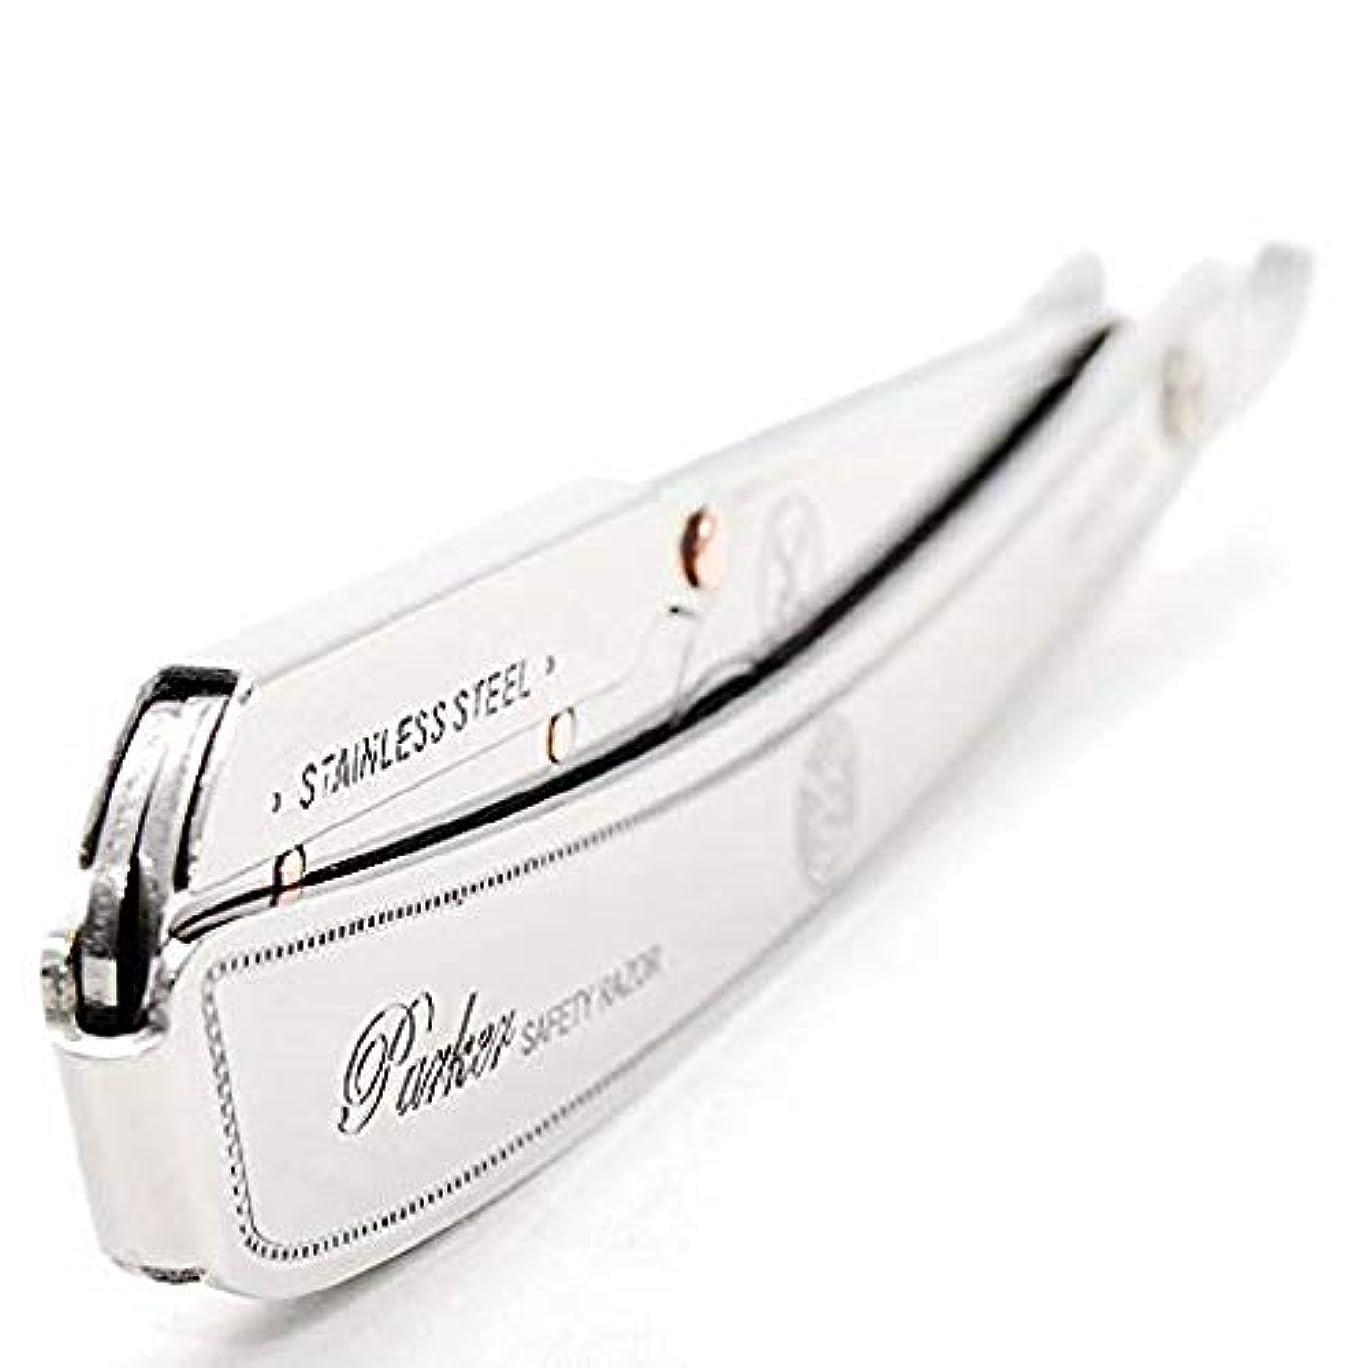 熟達生まれ余暇パーカー(Parker) SRX 剃刀 プロ用 替刃100枚、セーフティ替刃ゴミ箱の3点セット [並行輸入品]